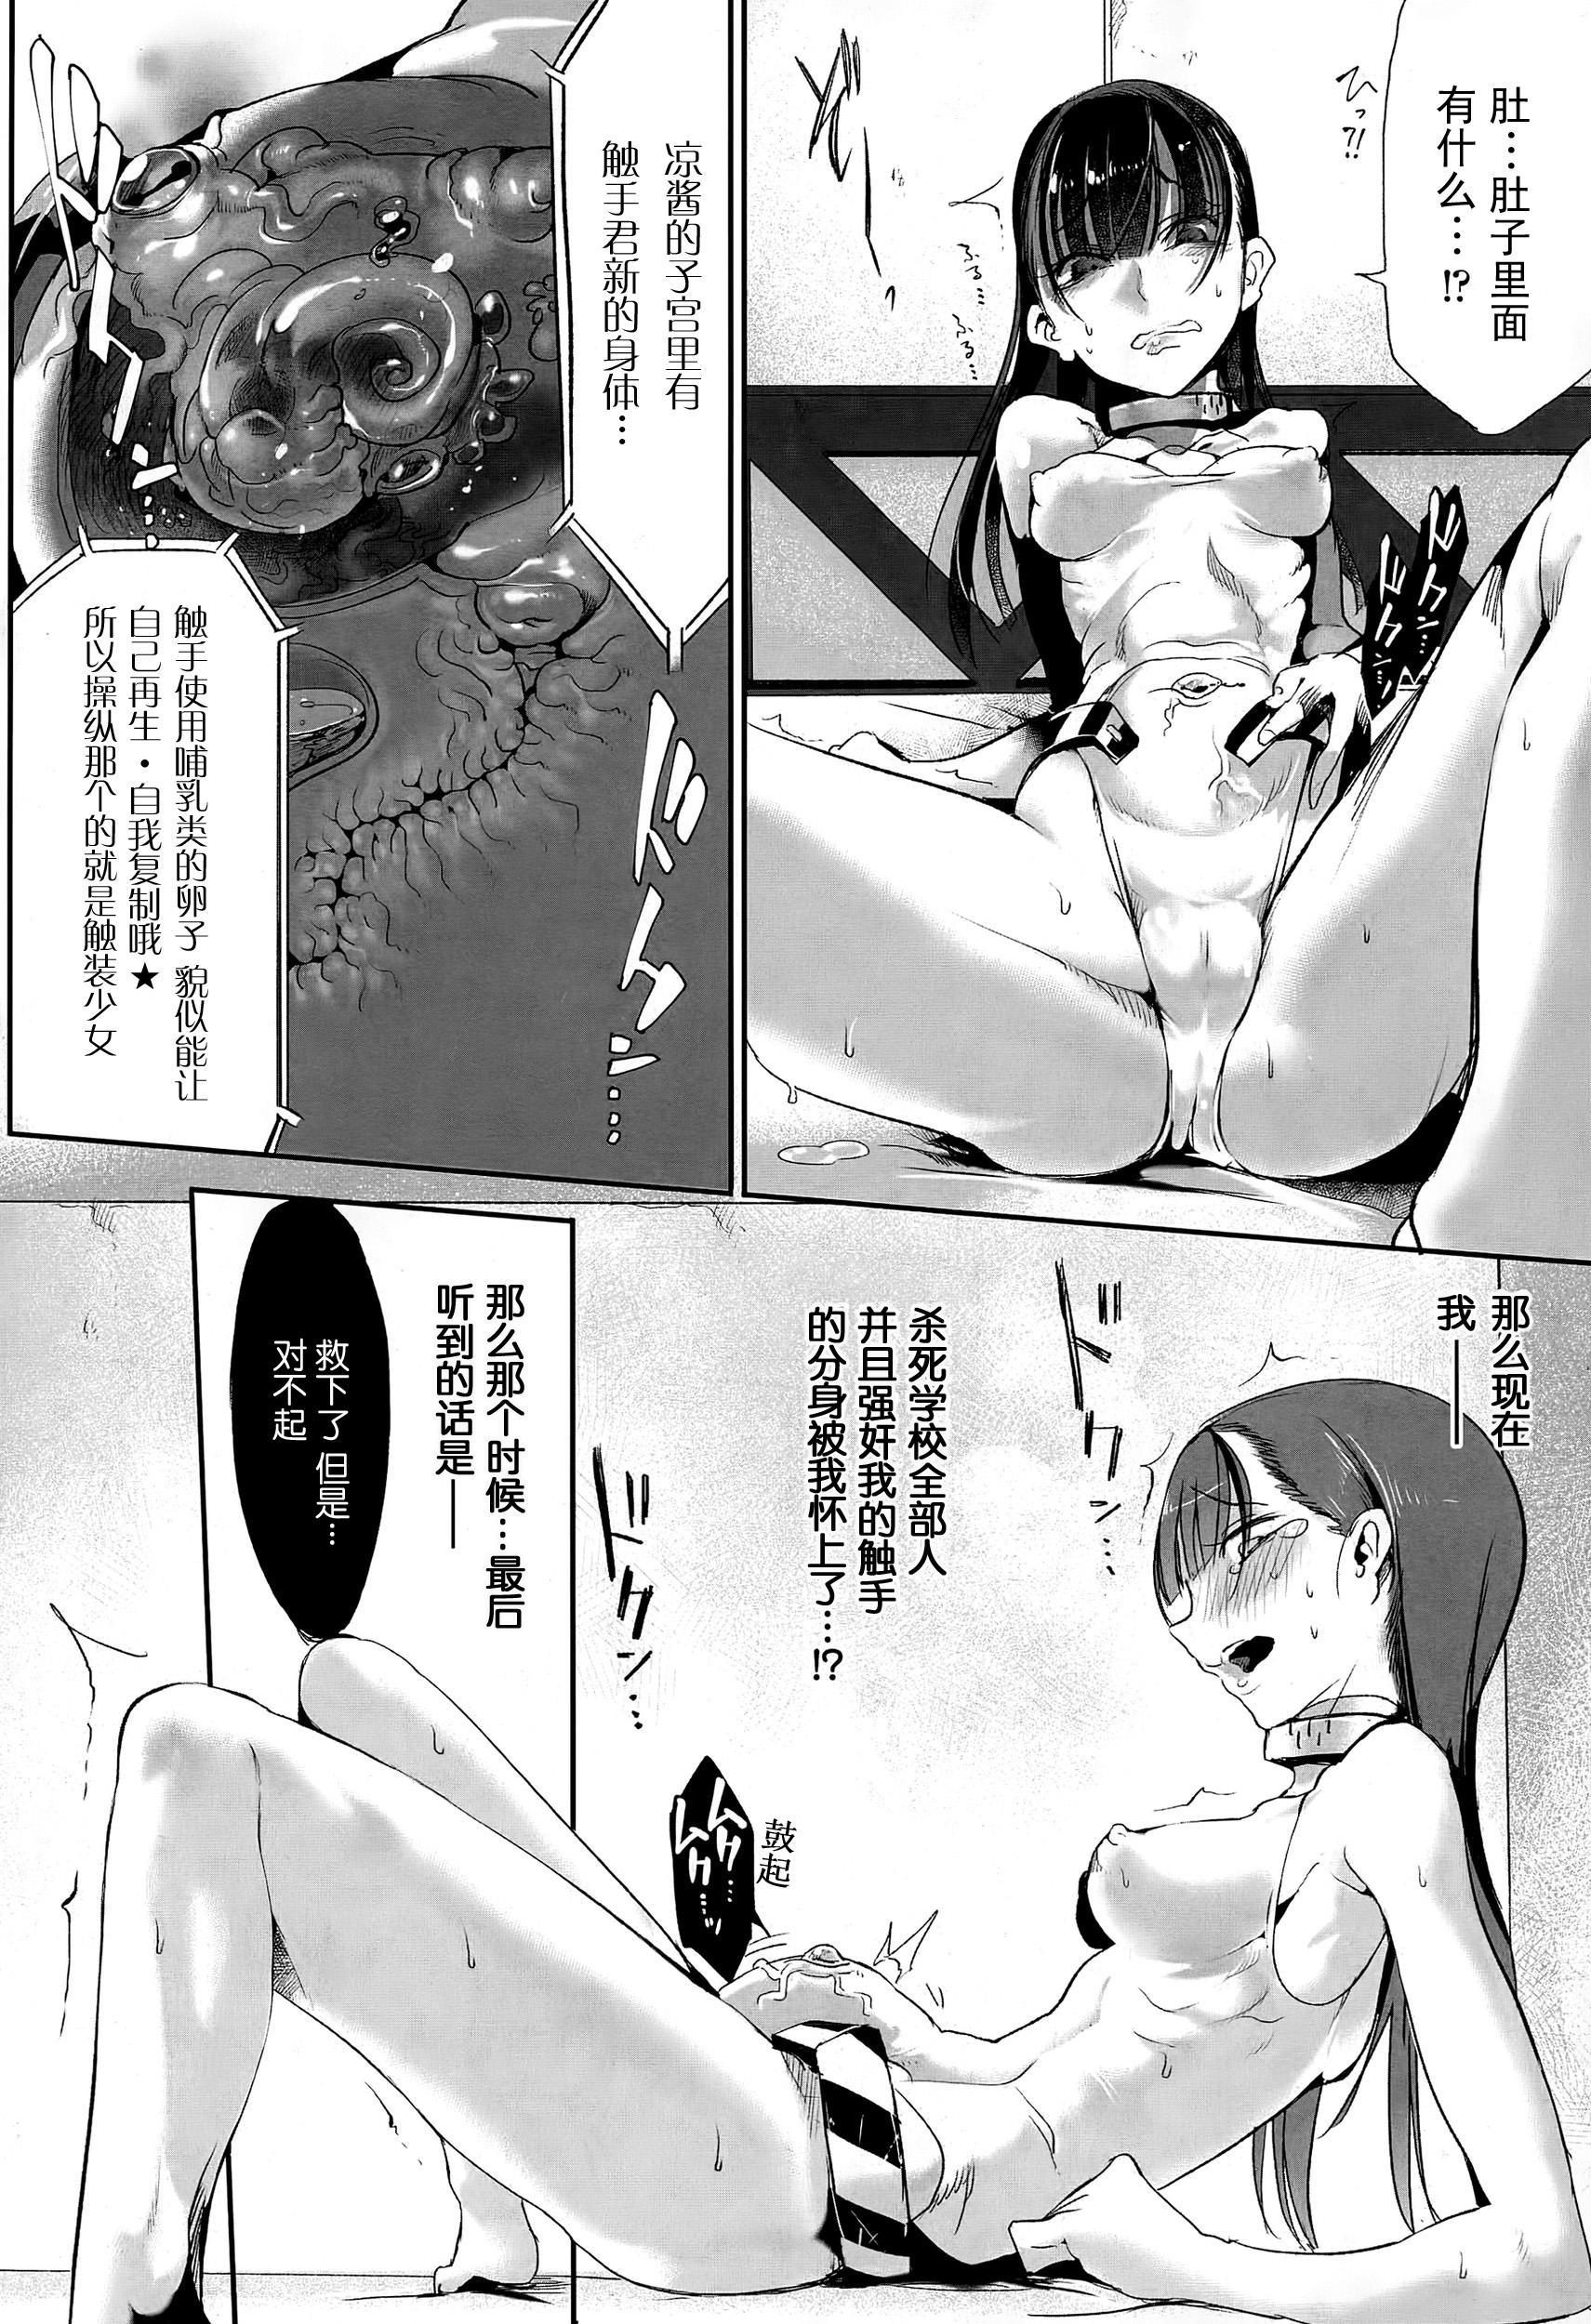 hentaiz tentacle